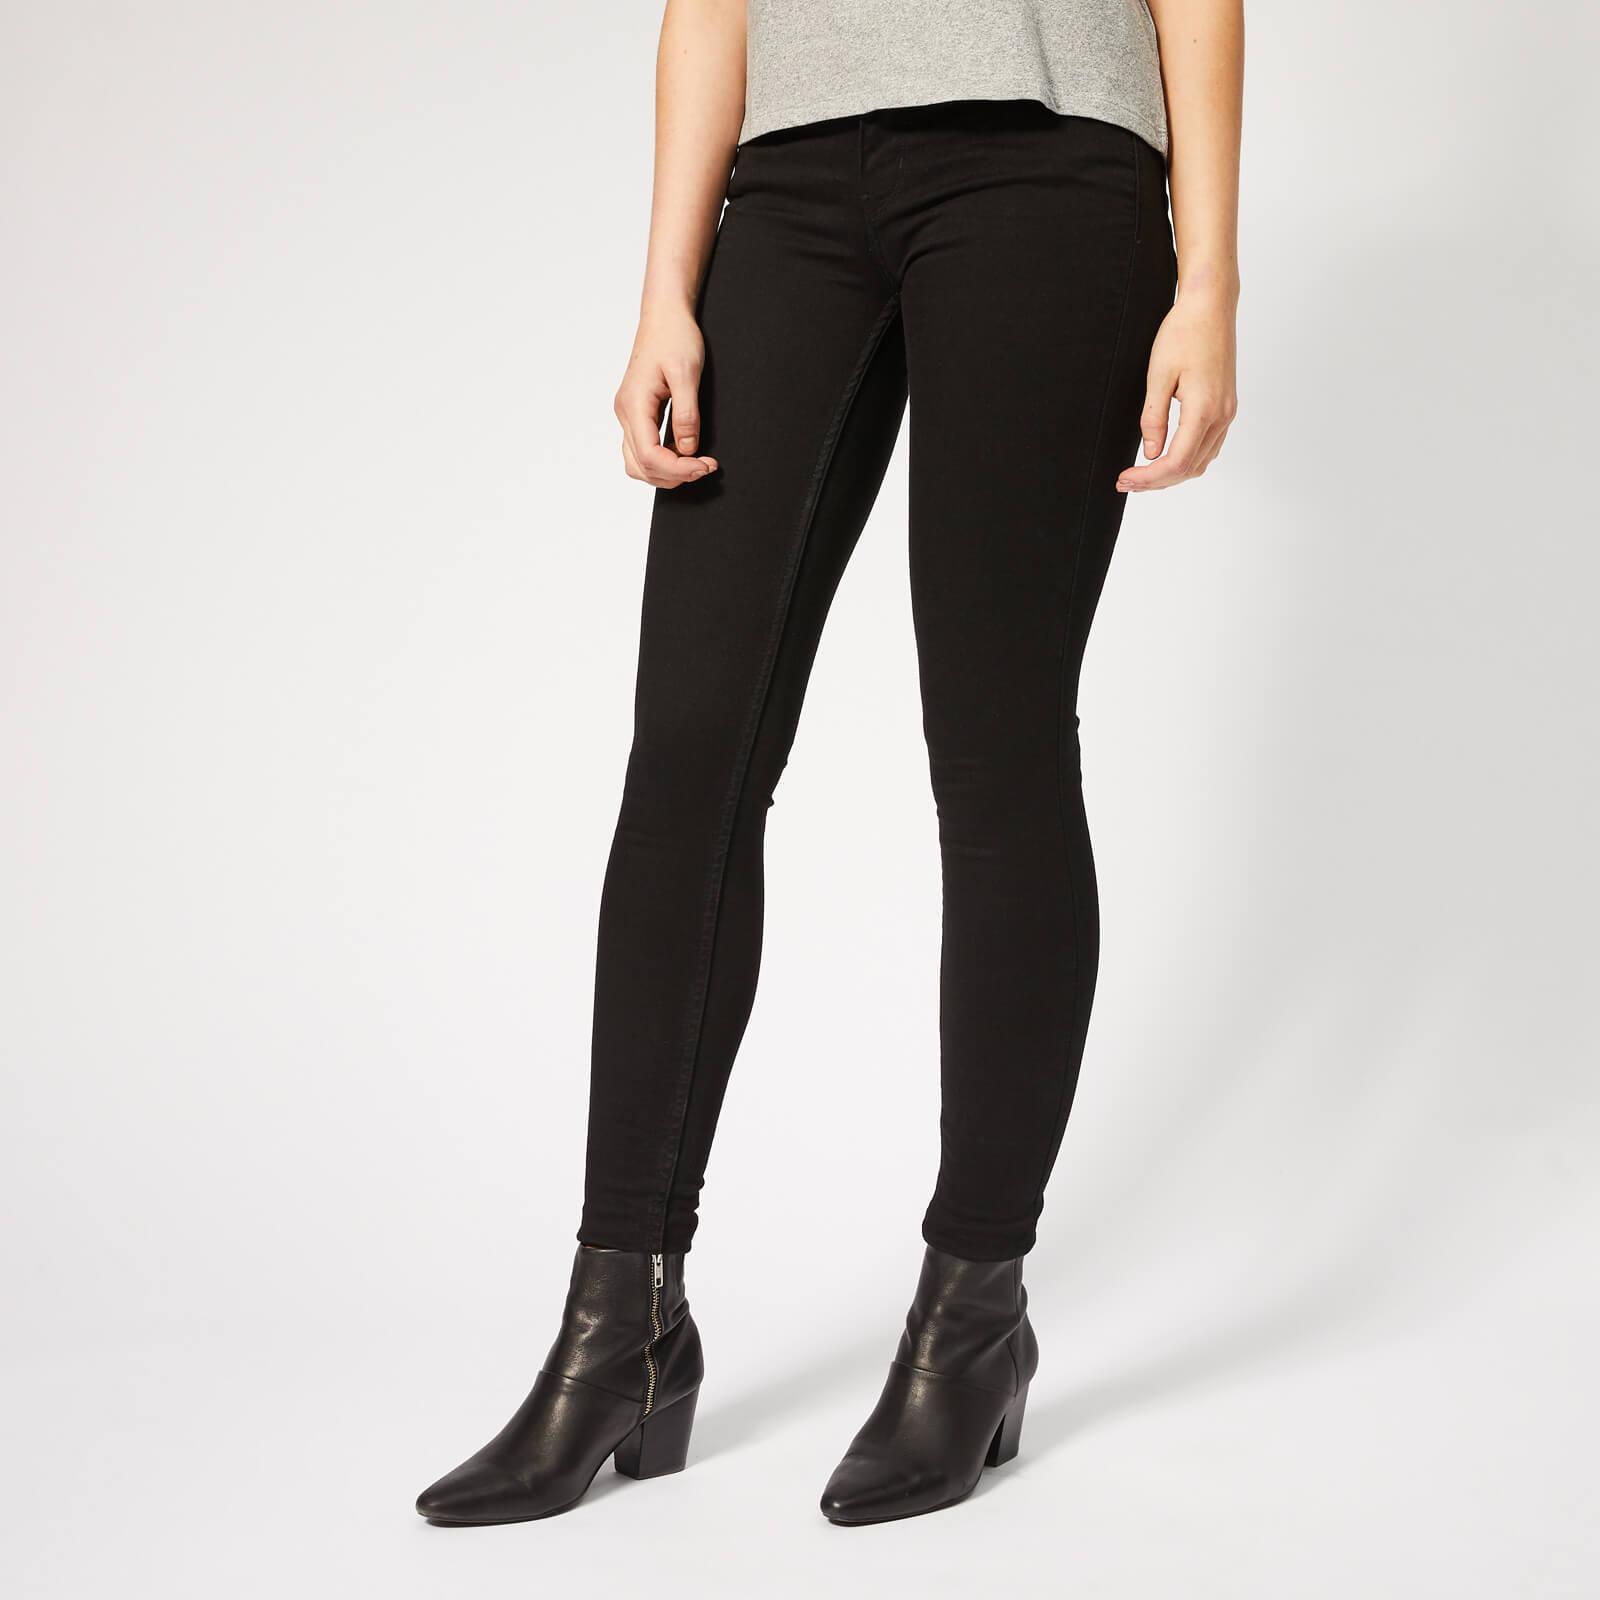 Levi's s Innovation Super Skinny Jeans - Black Galaxy - W28/L32